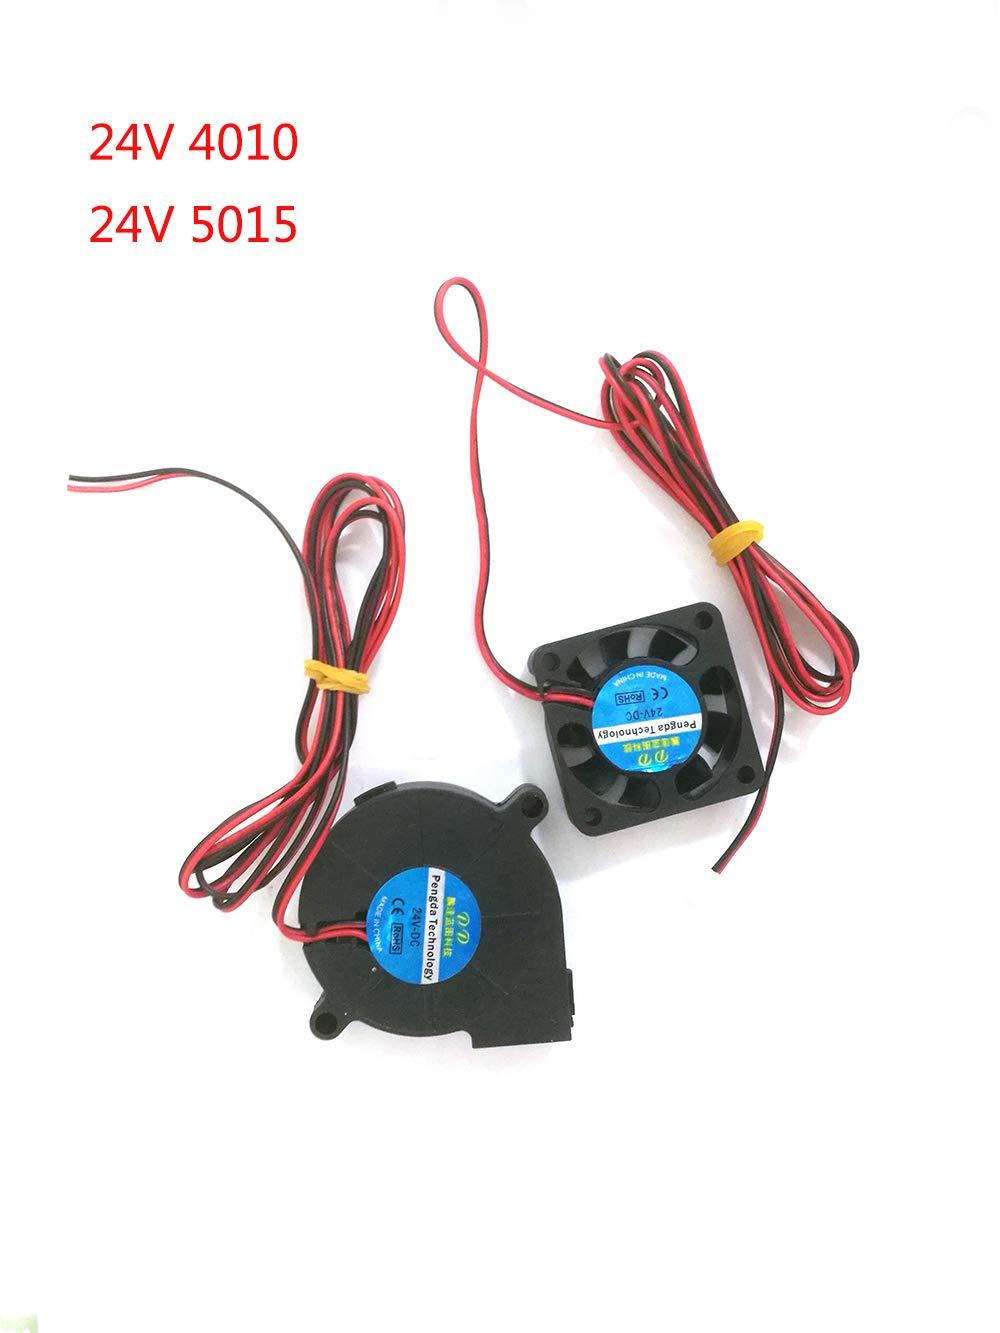 Impresora 3D Ventilador Ventilador Ventilador DC 24V 40x10 50x15 Ventilador de enfriamiento del extrusor (1M) Eewolf